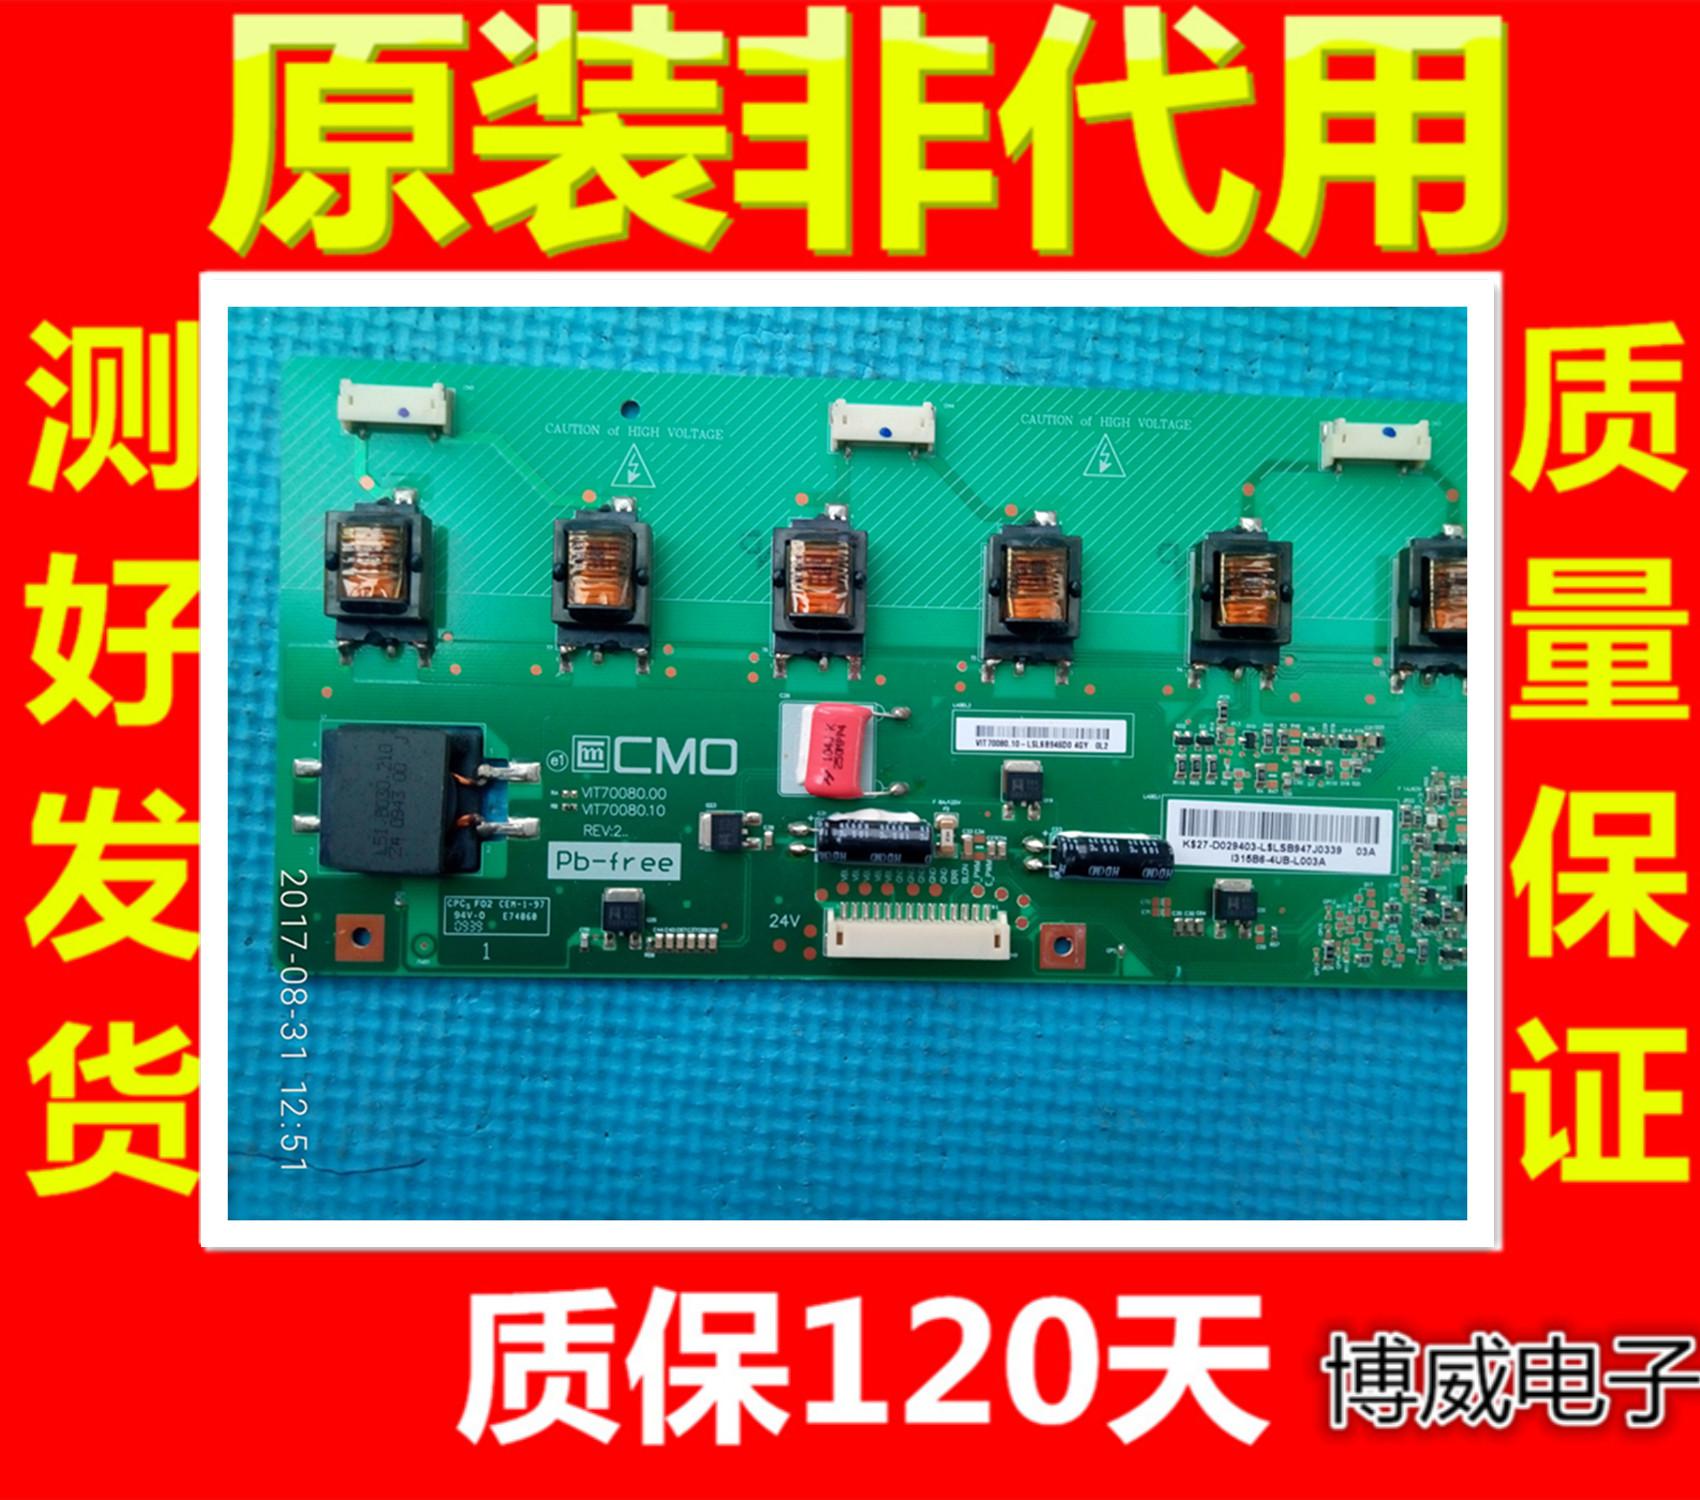 Hisense TLM32V67K32 télévision à affichage à cristaux liquides à plat d'alimentation haute tension à courant constant CT1348 de plaque de rétroéclairage l